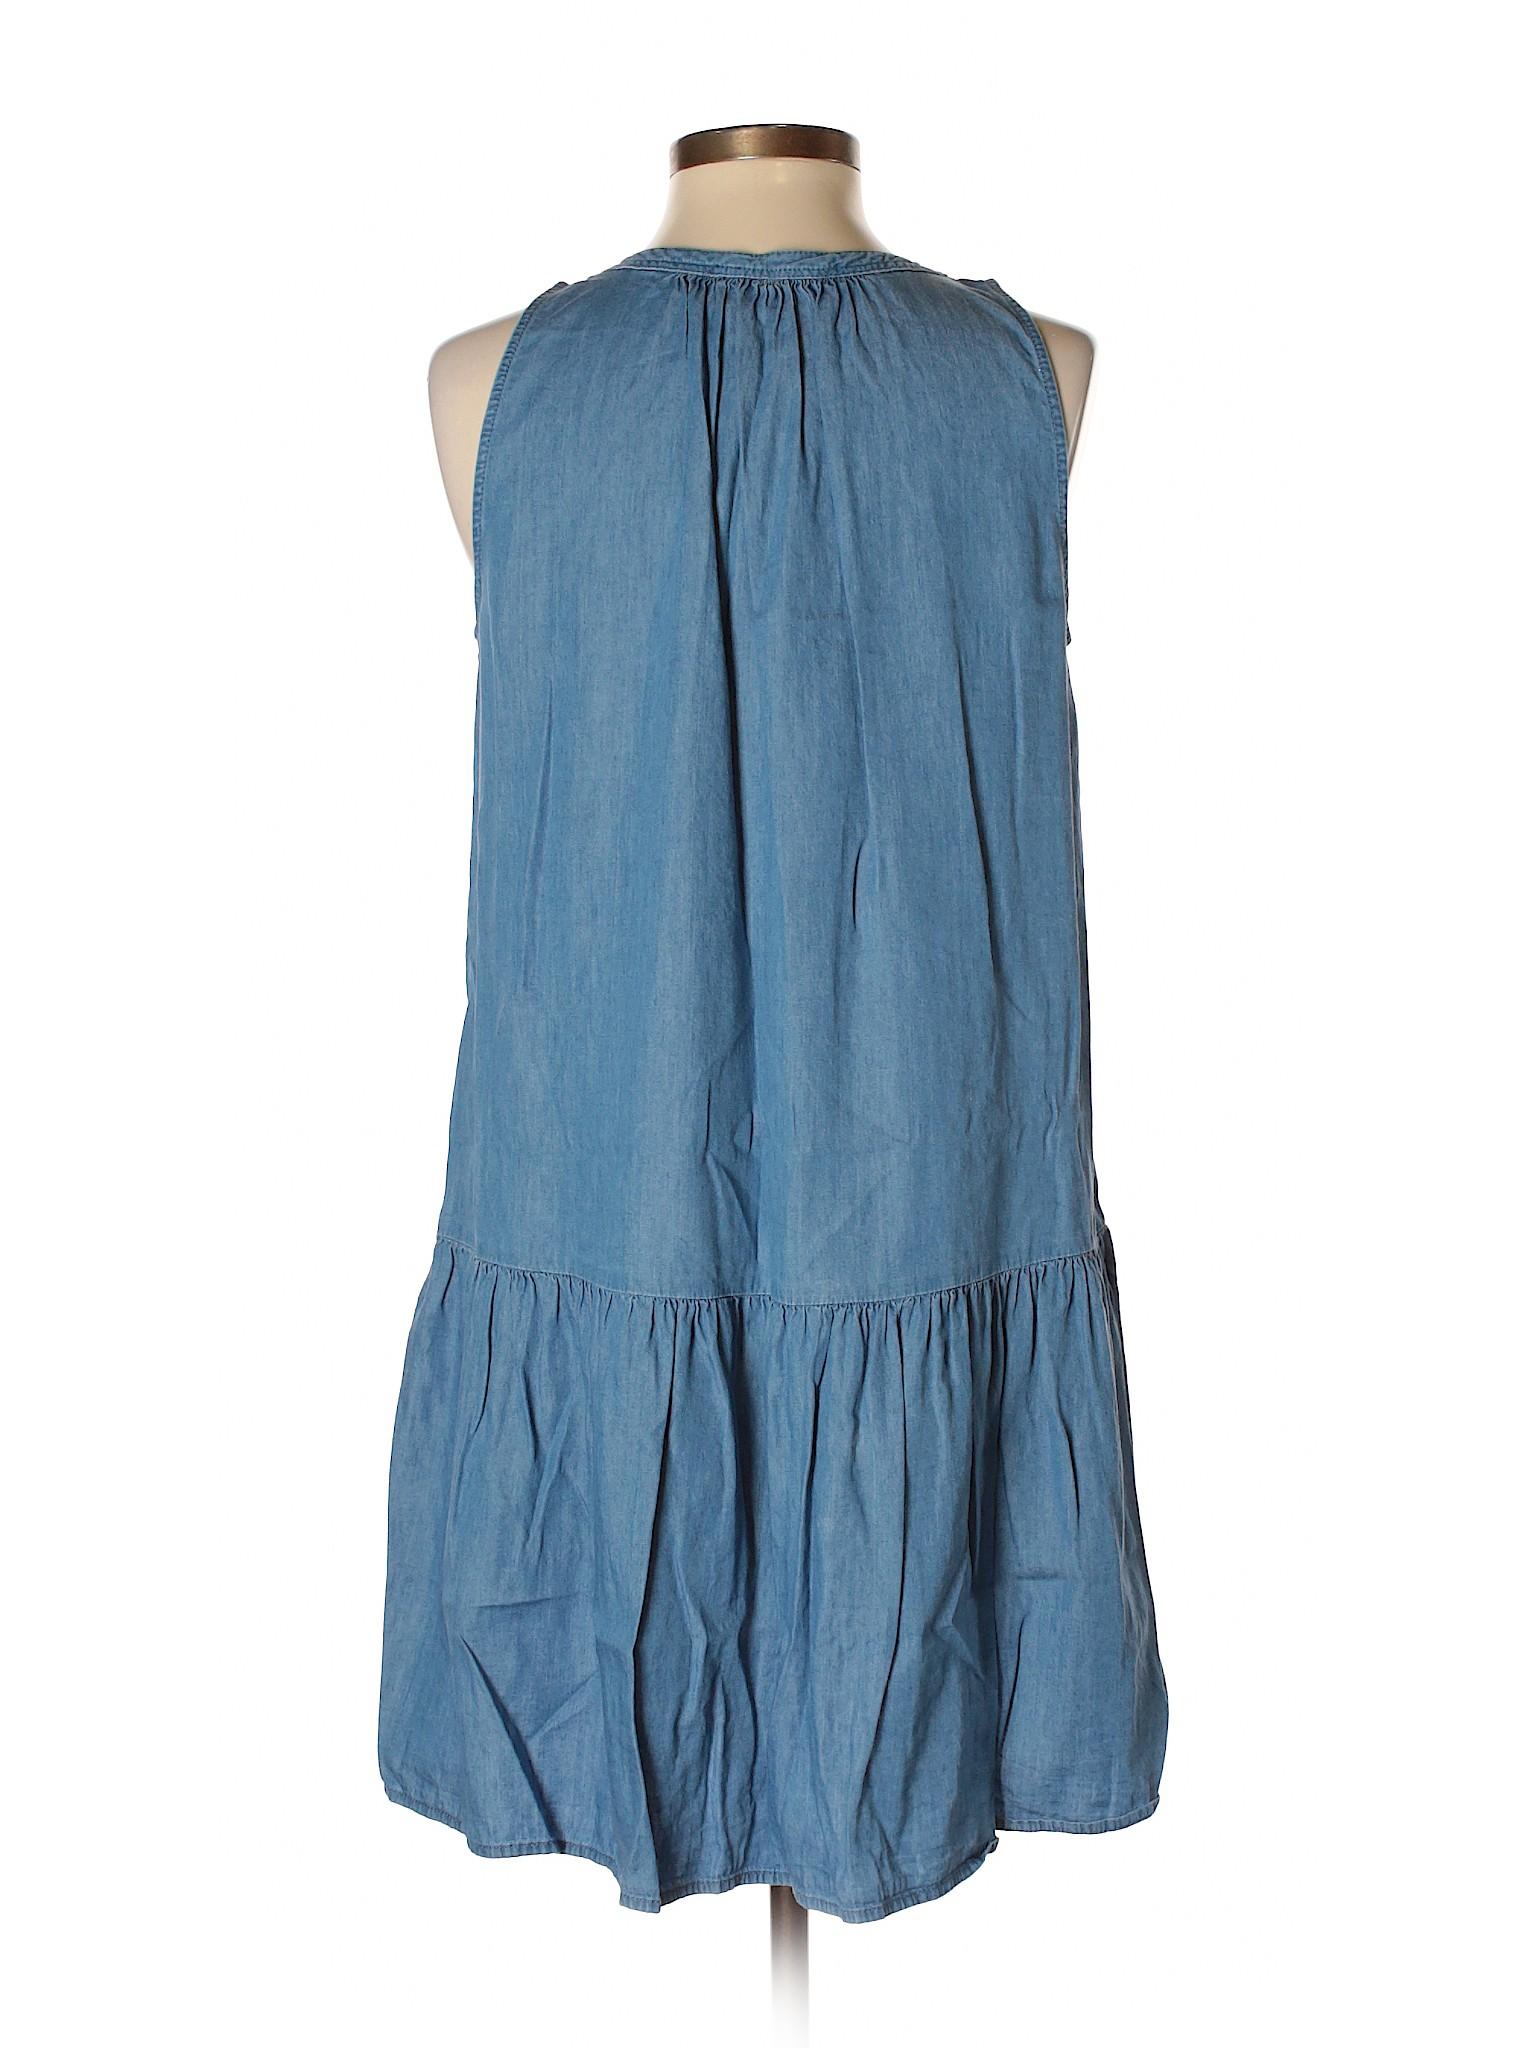 Ann Taylor Boutique winter Casual LOFT Dress vTnxgwnBq